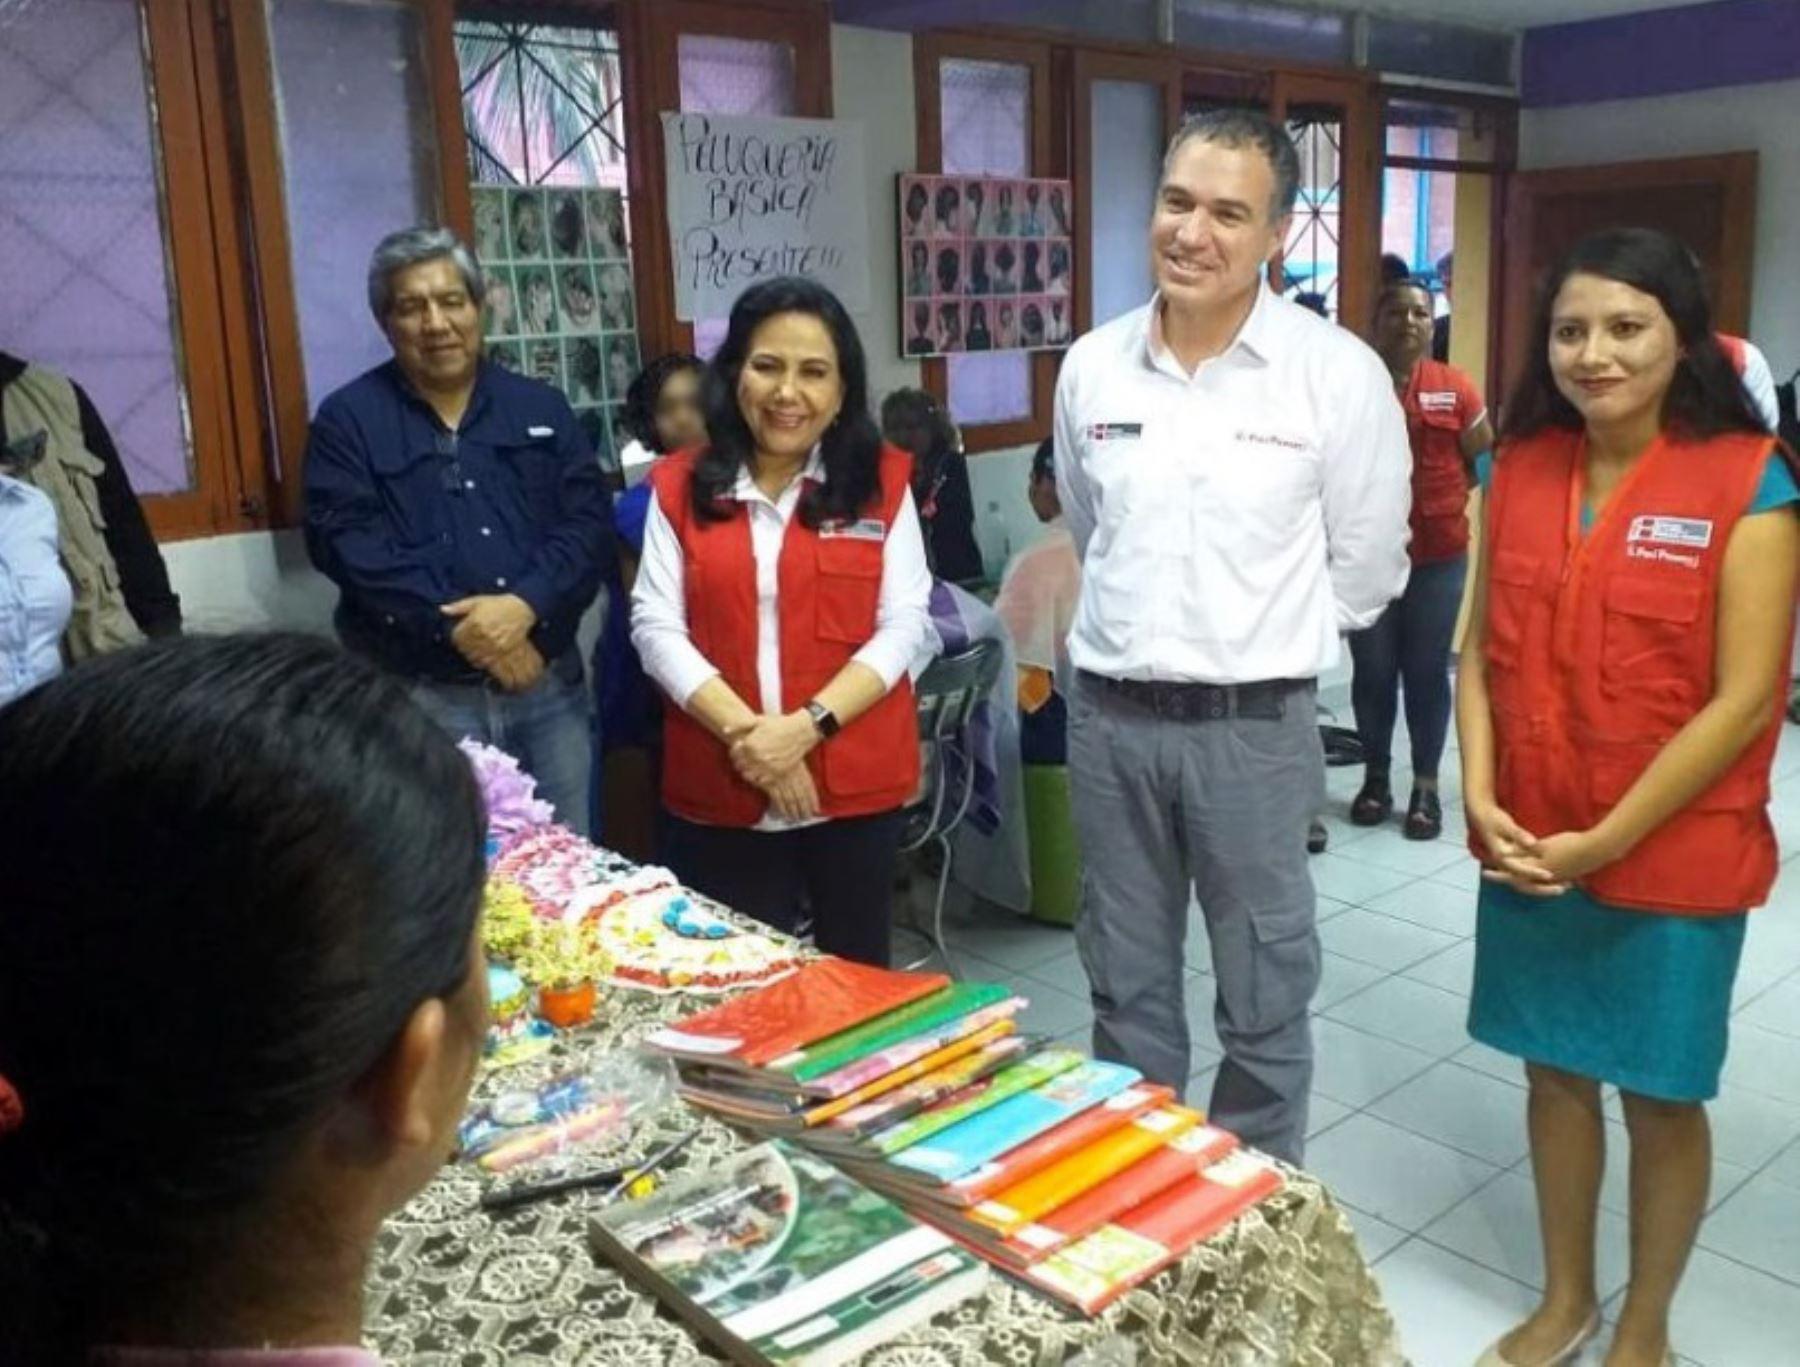 Jefe de gabinete, Salvador del Solar, y ministra de la Mujer, Gloria Montenegro, realizaron visita de trabajo en Iquitos.